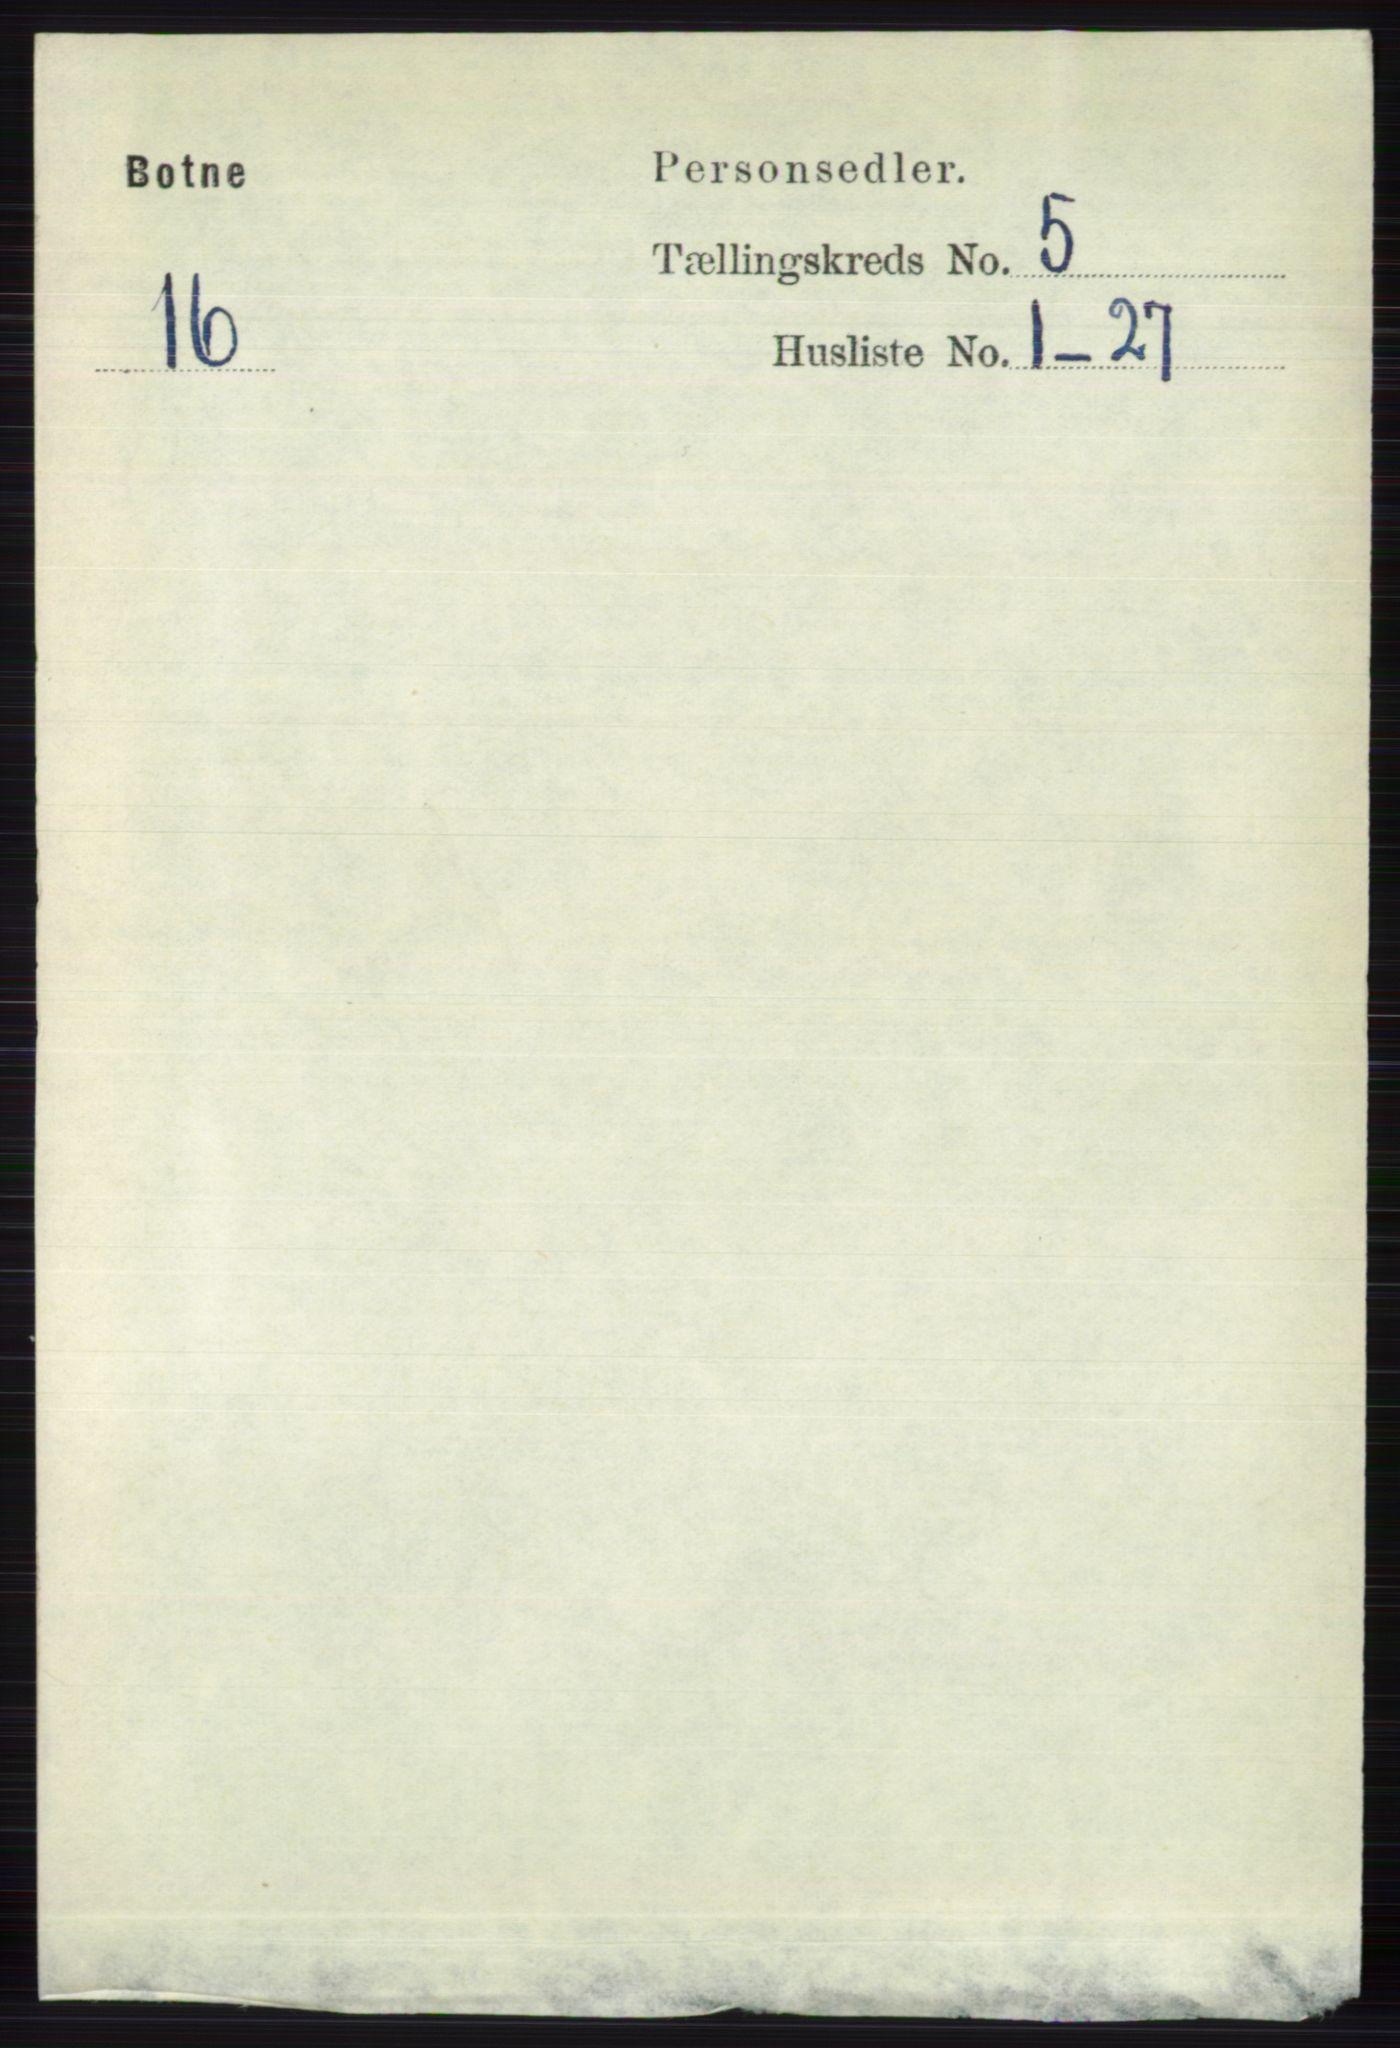 RA, Folketelling 1891 for 0715 Botne herred, 1891, s. 1948